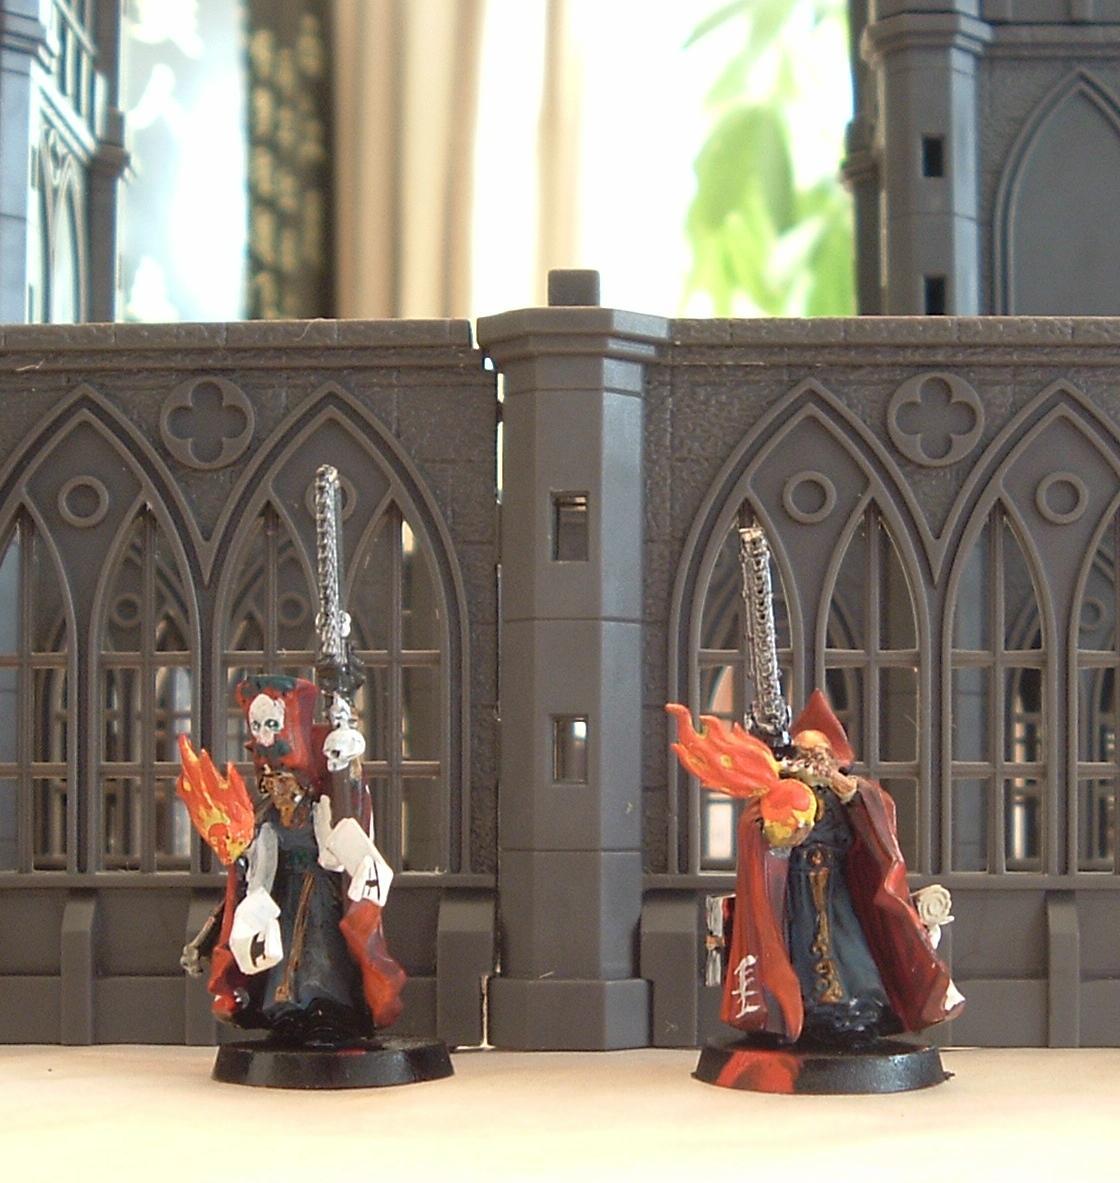 Henchmen, Inquisition, Priest, Warhammer 40,000, Witch Hunters, Wizard